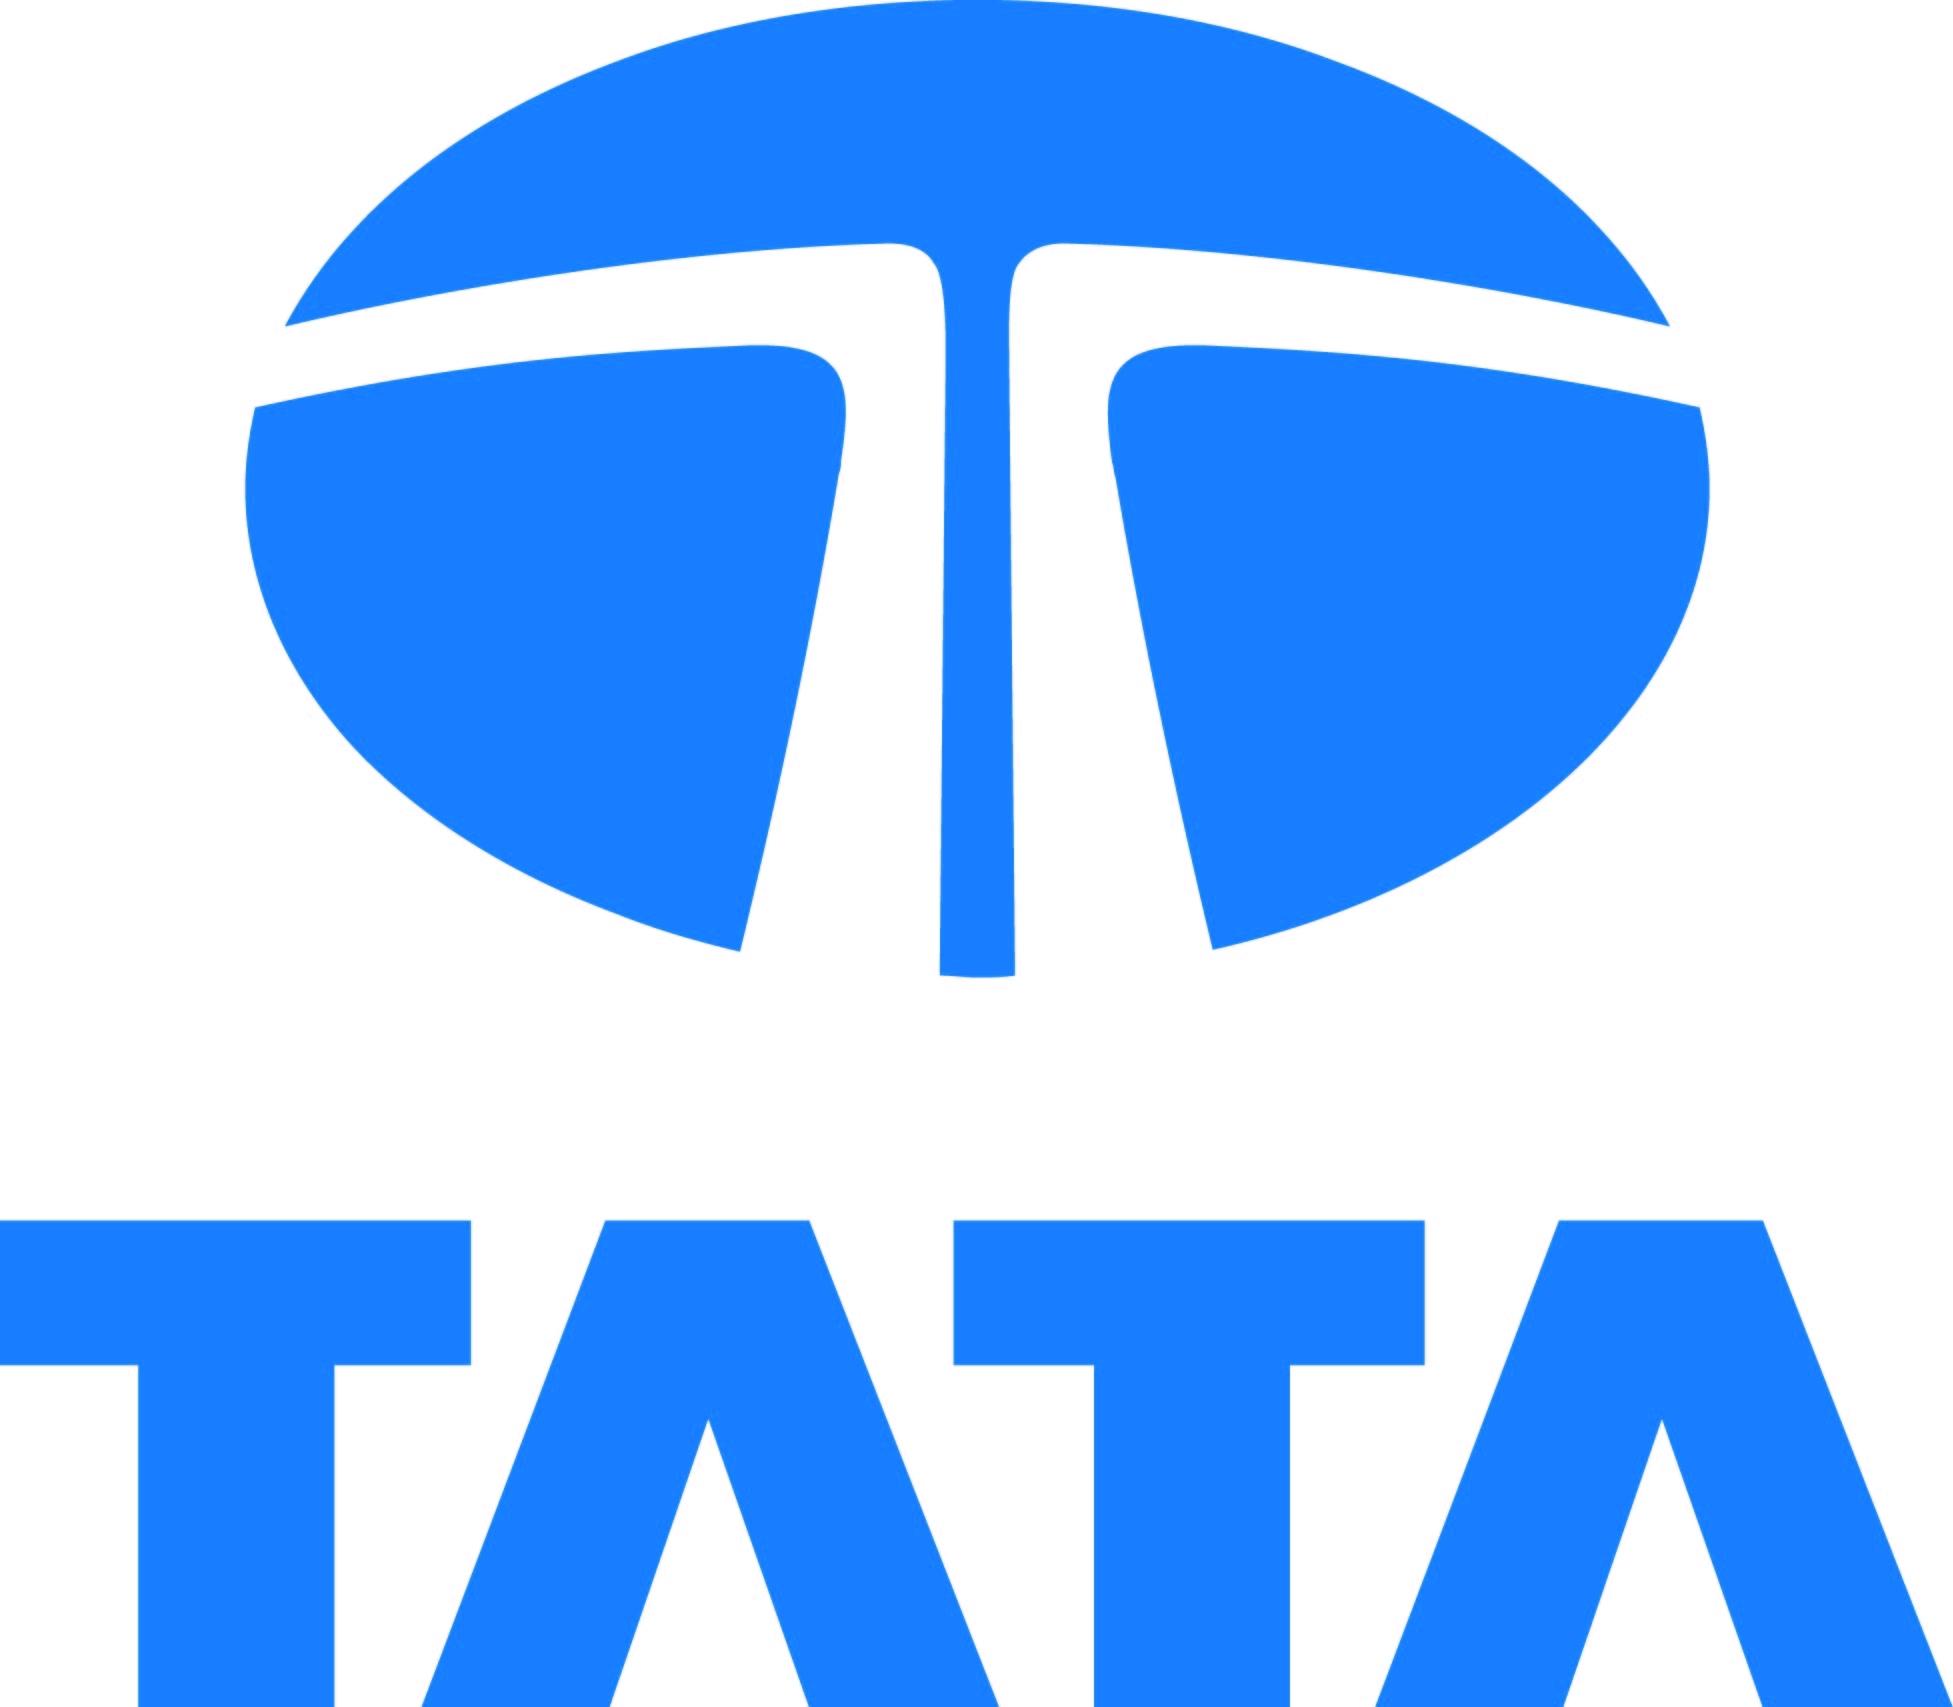 Tata_Group_Logo_1.jpg